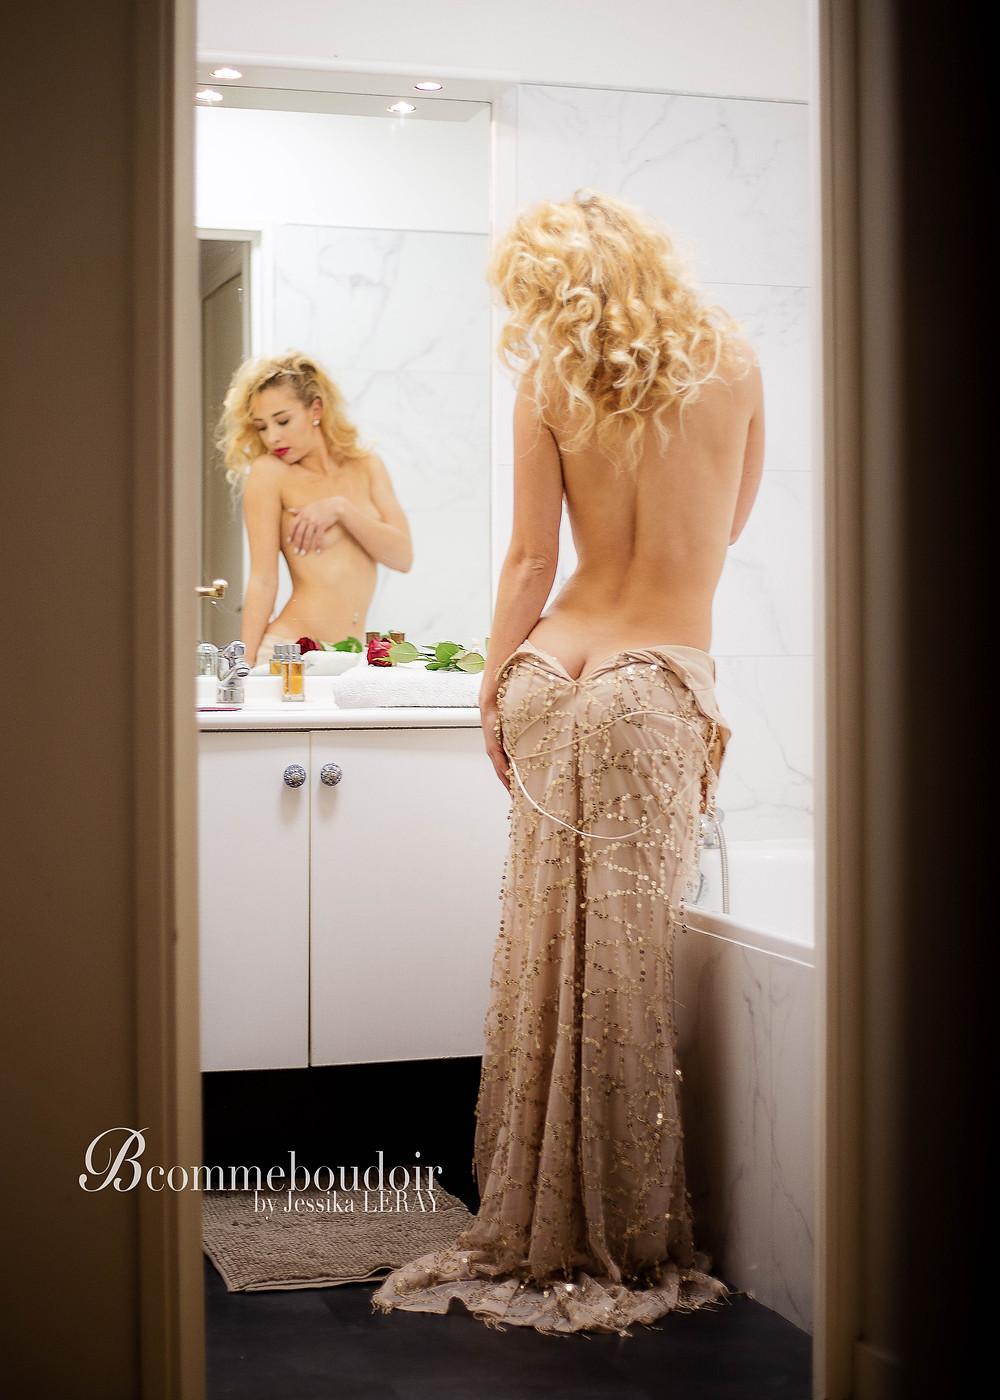 shooting photo Paris glamour et boudoir pour une séance photo romantique te magnifique au souvenir inoubliable!